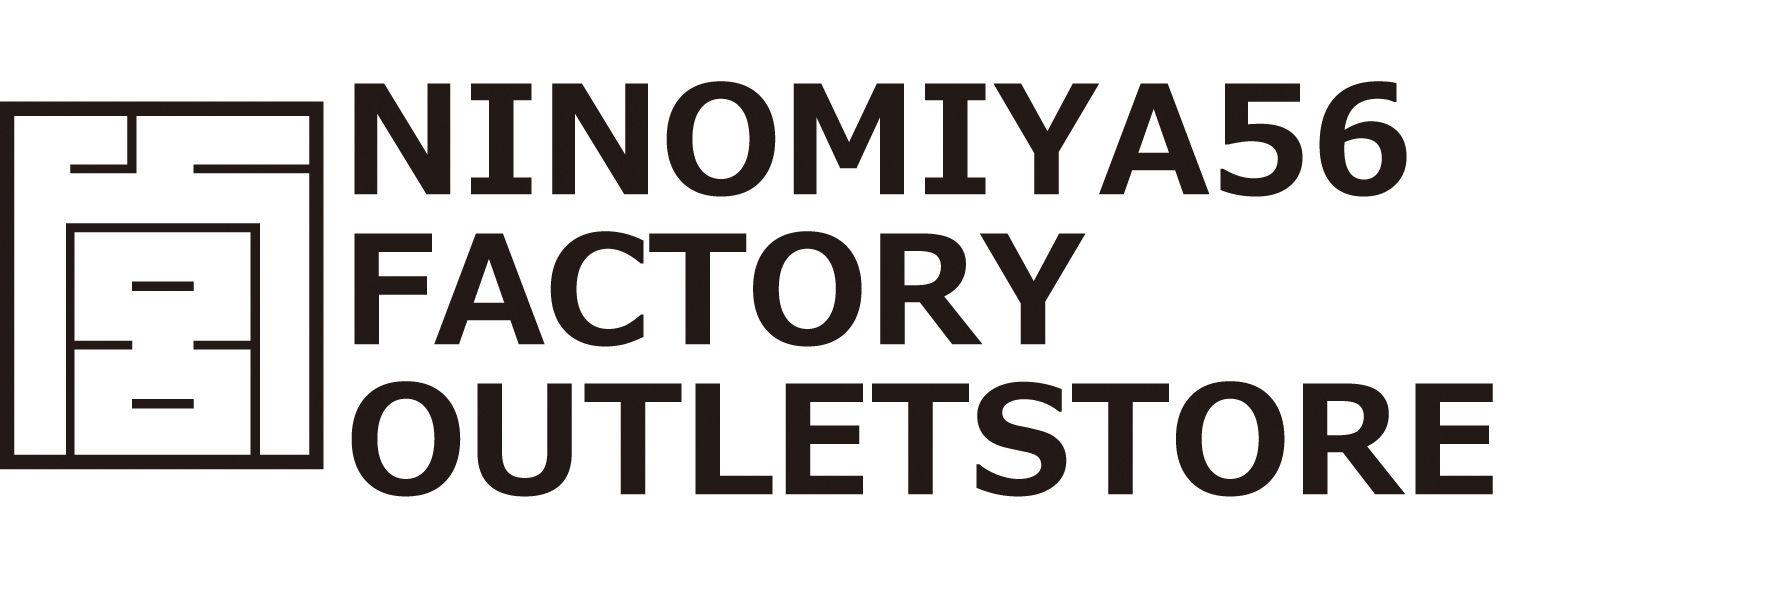 ninomiya56